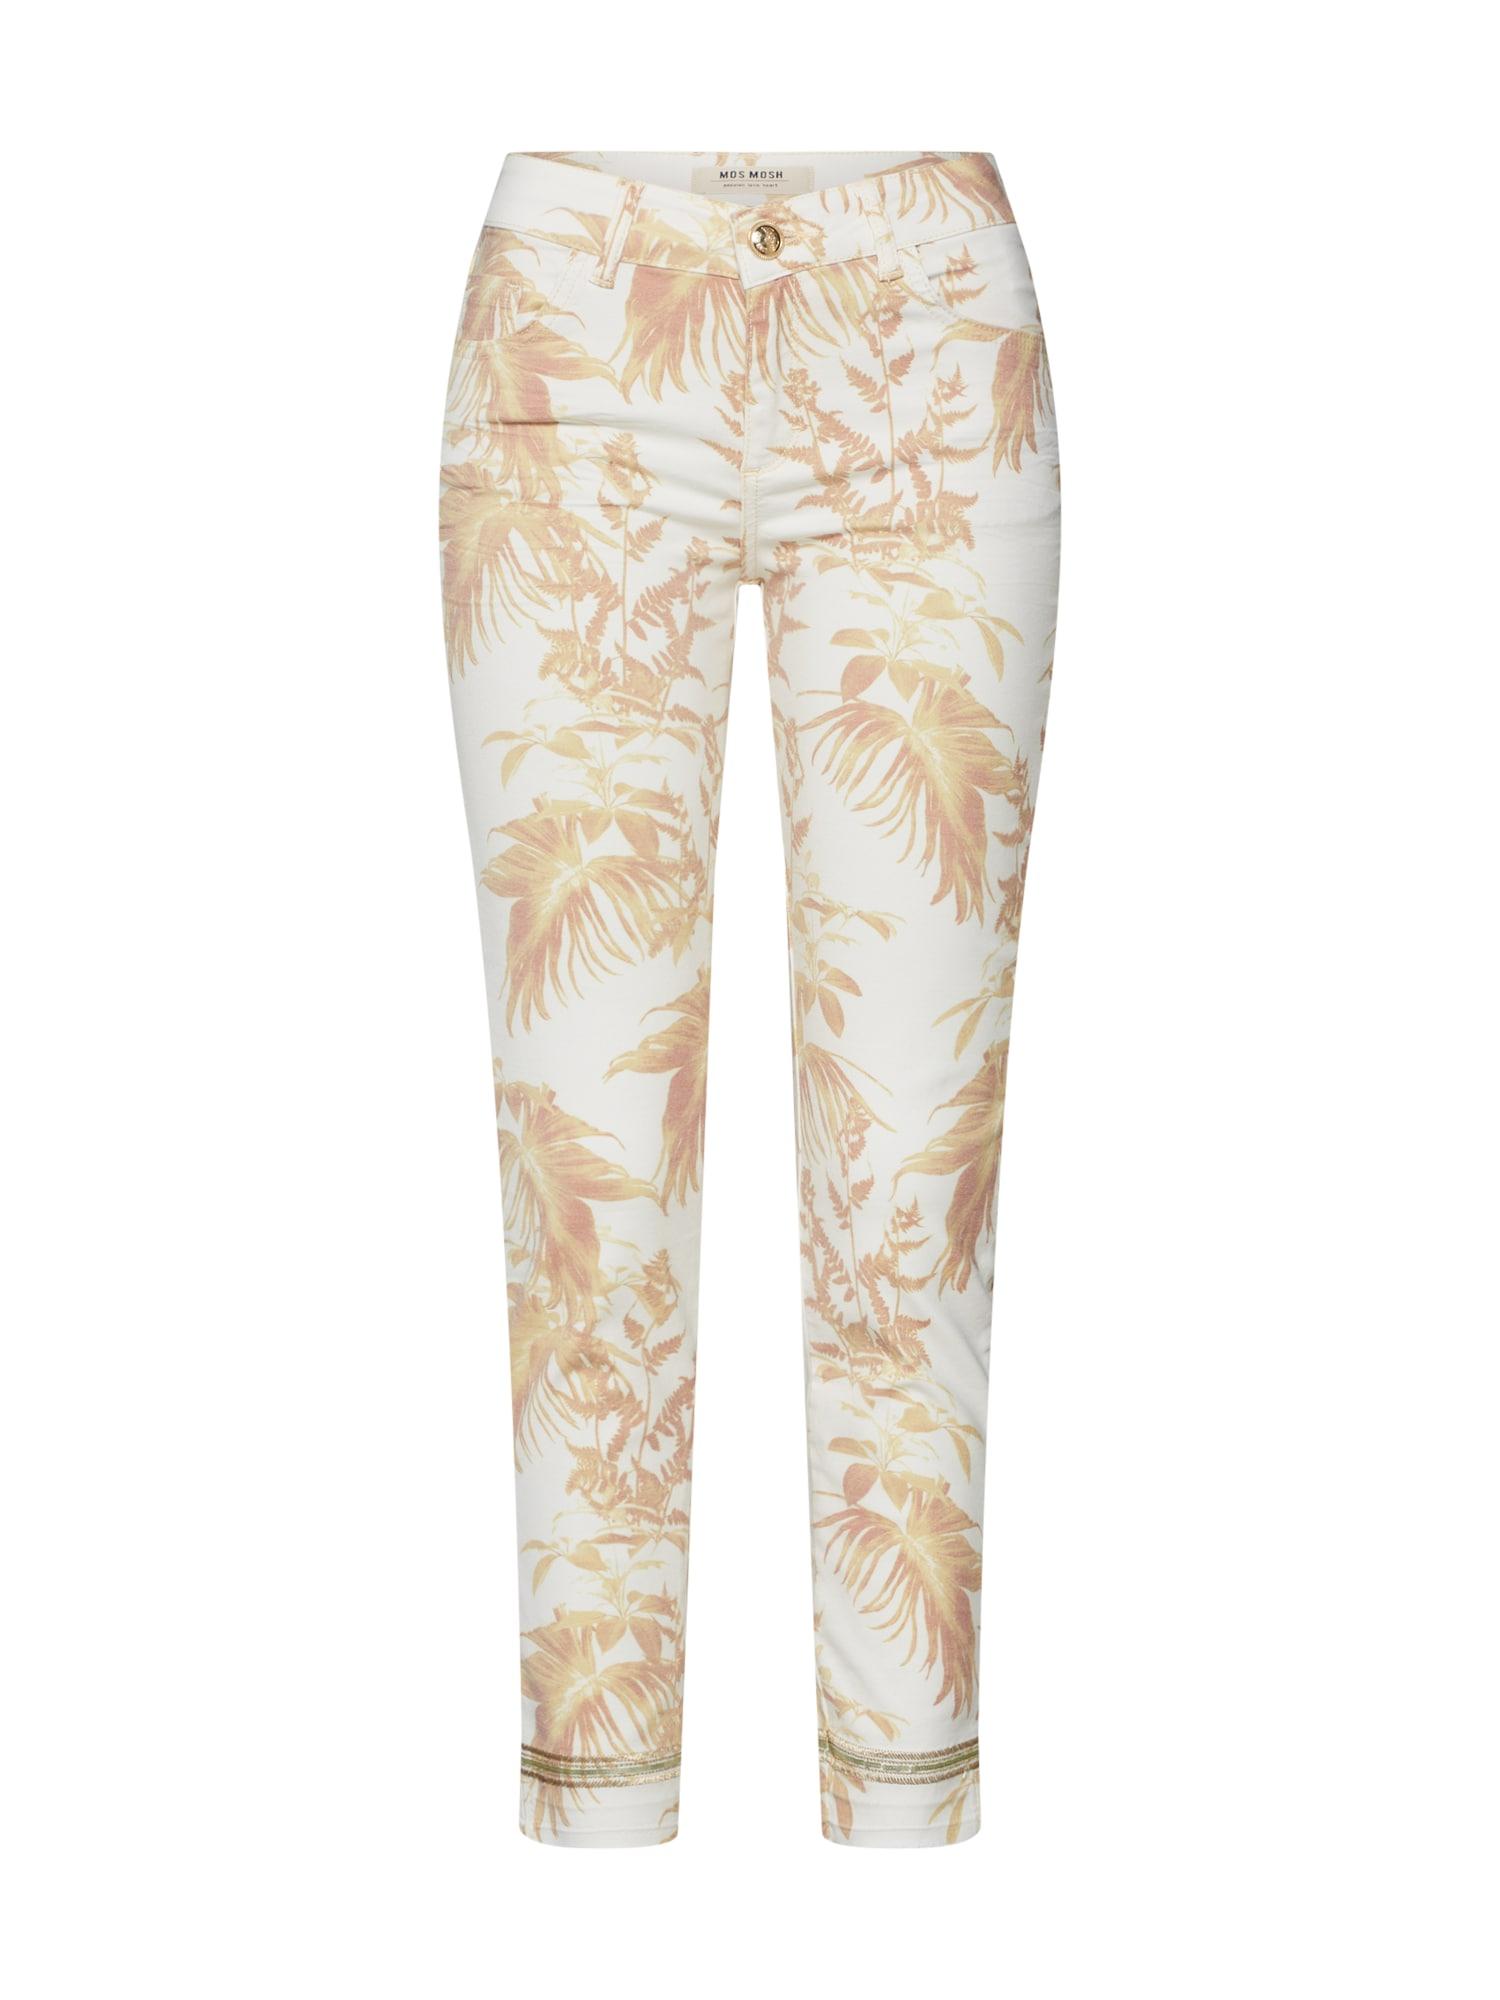 Kalhoty Sumner Cannes Pant krémová žlutá MOS MOSH